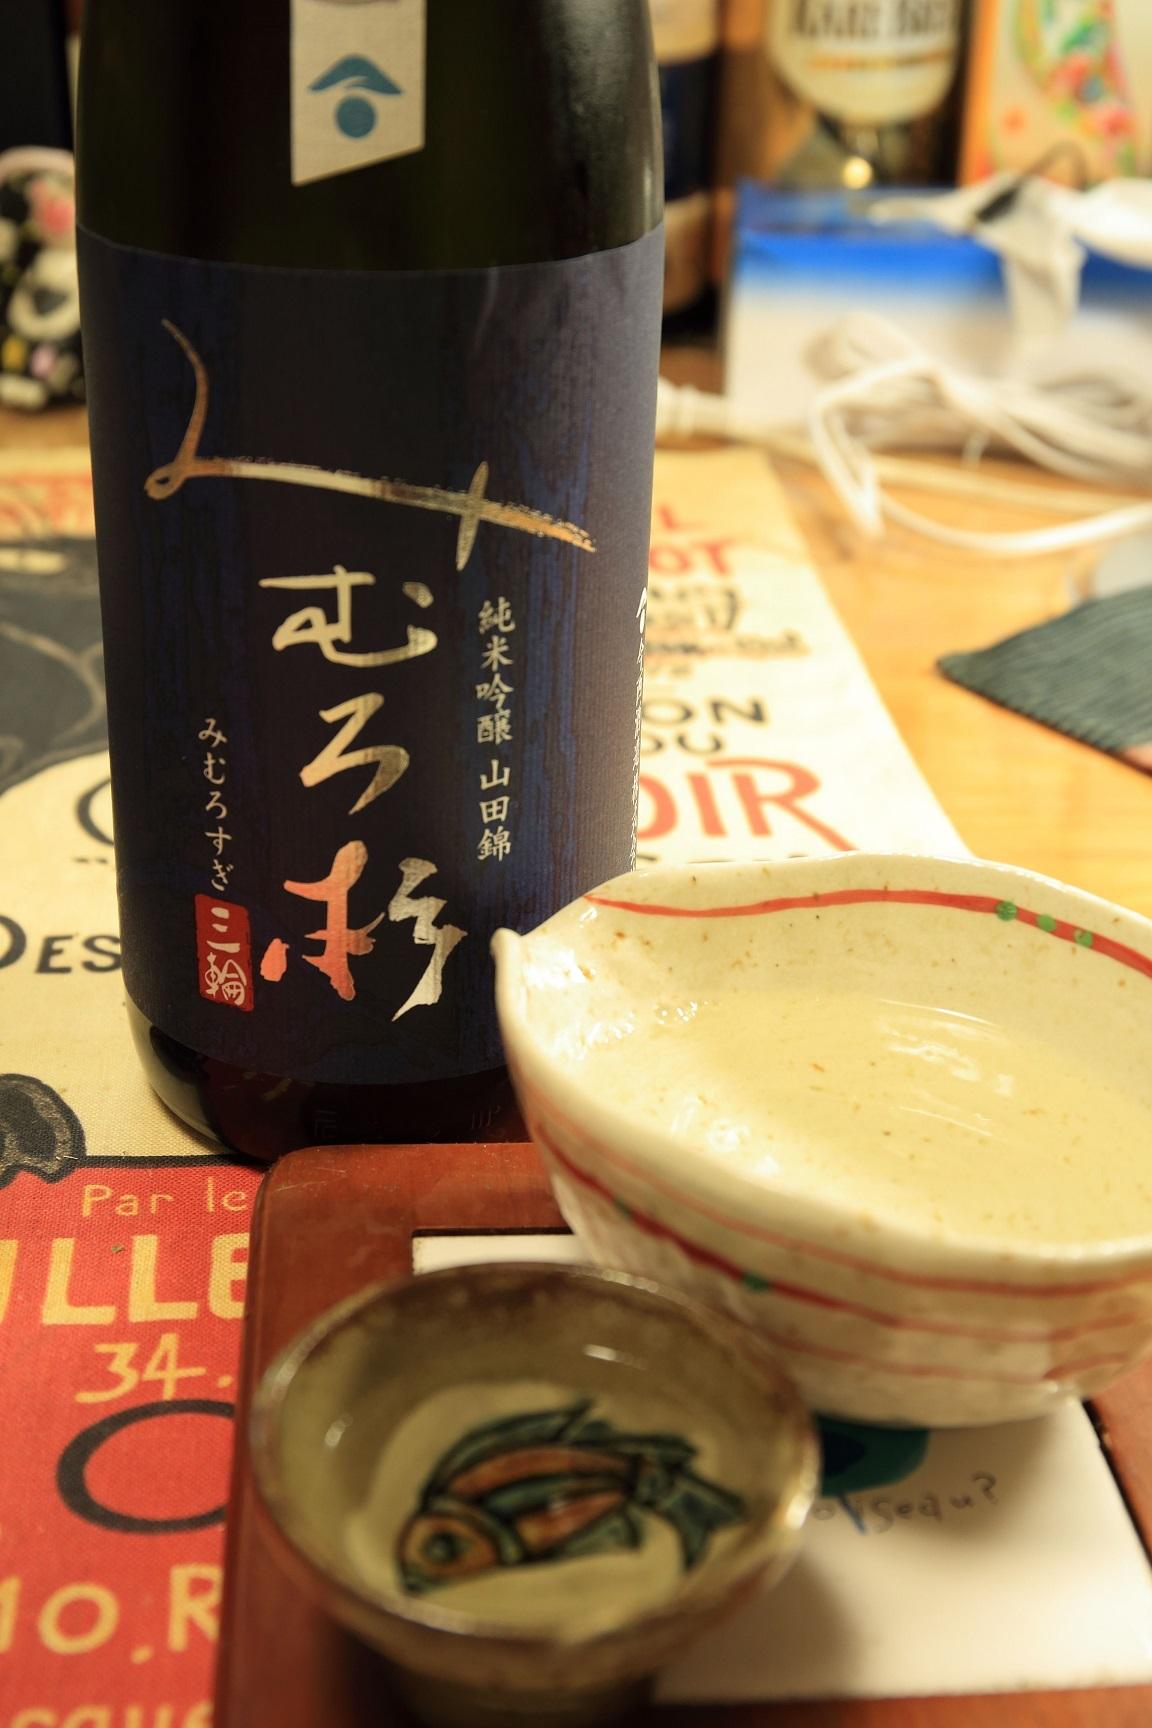 201710 18 ブログ用 美味しい日本酒 (冷酒).jpg